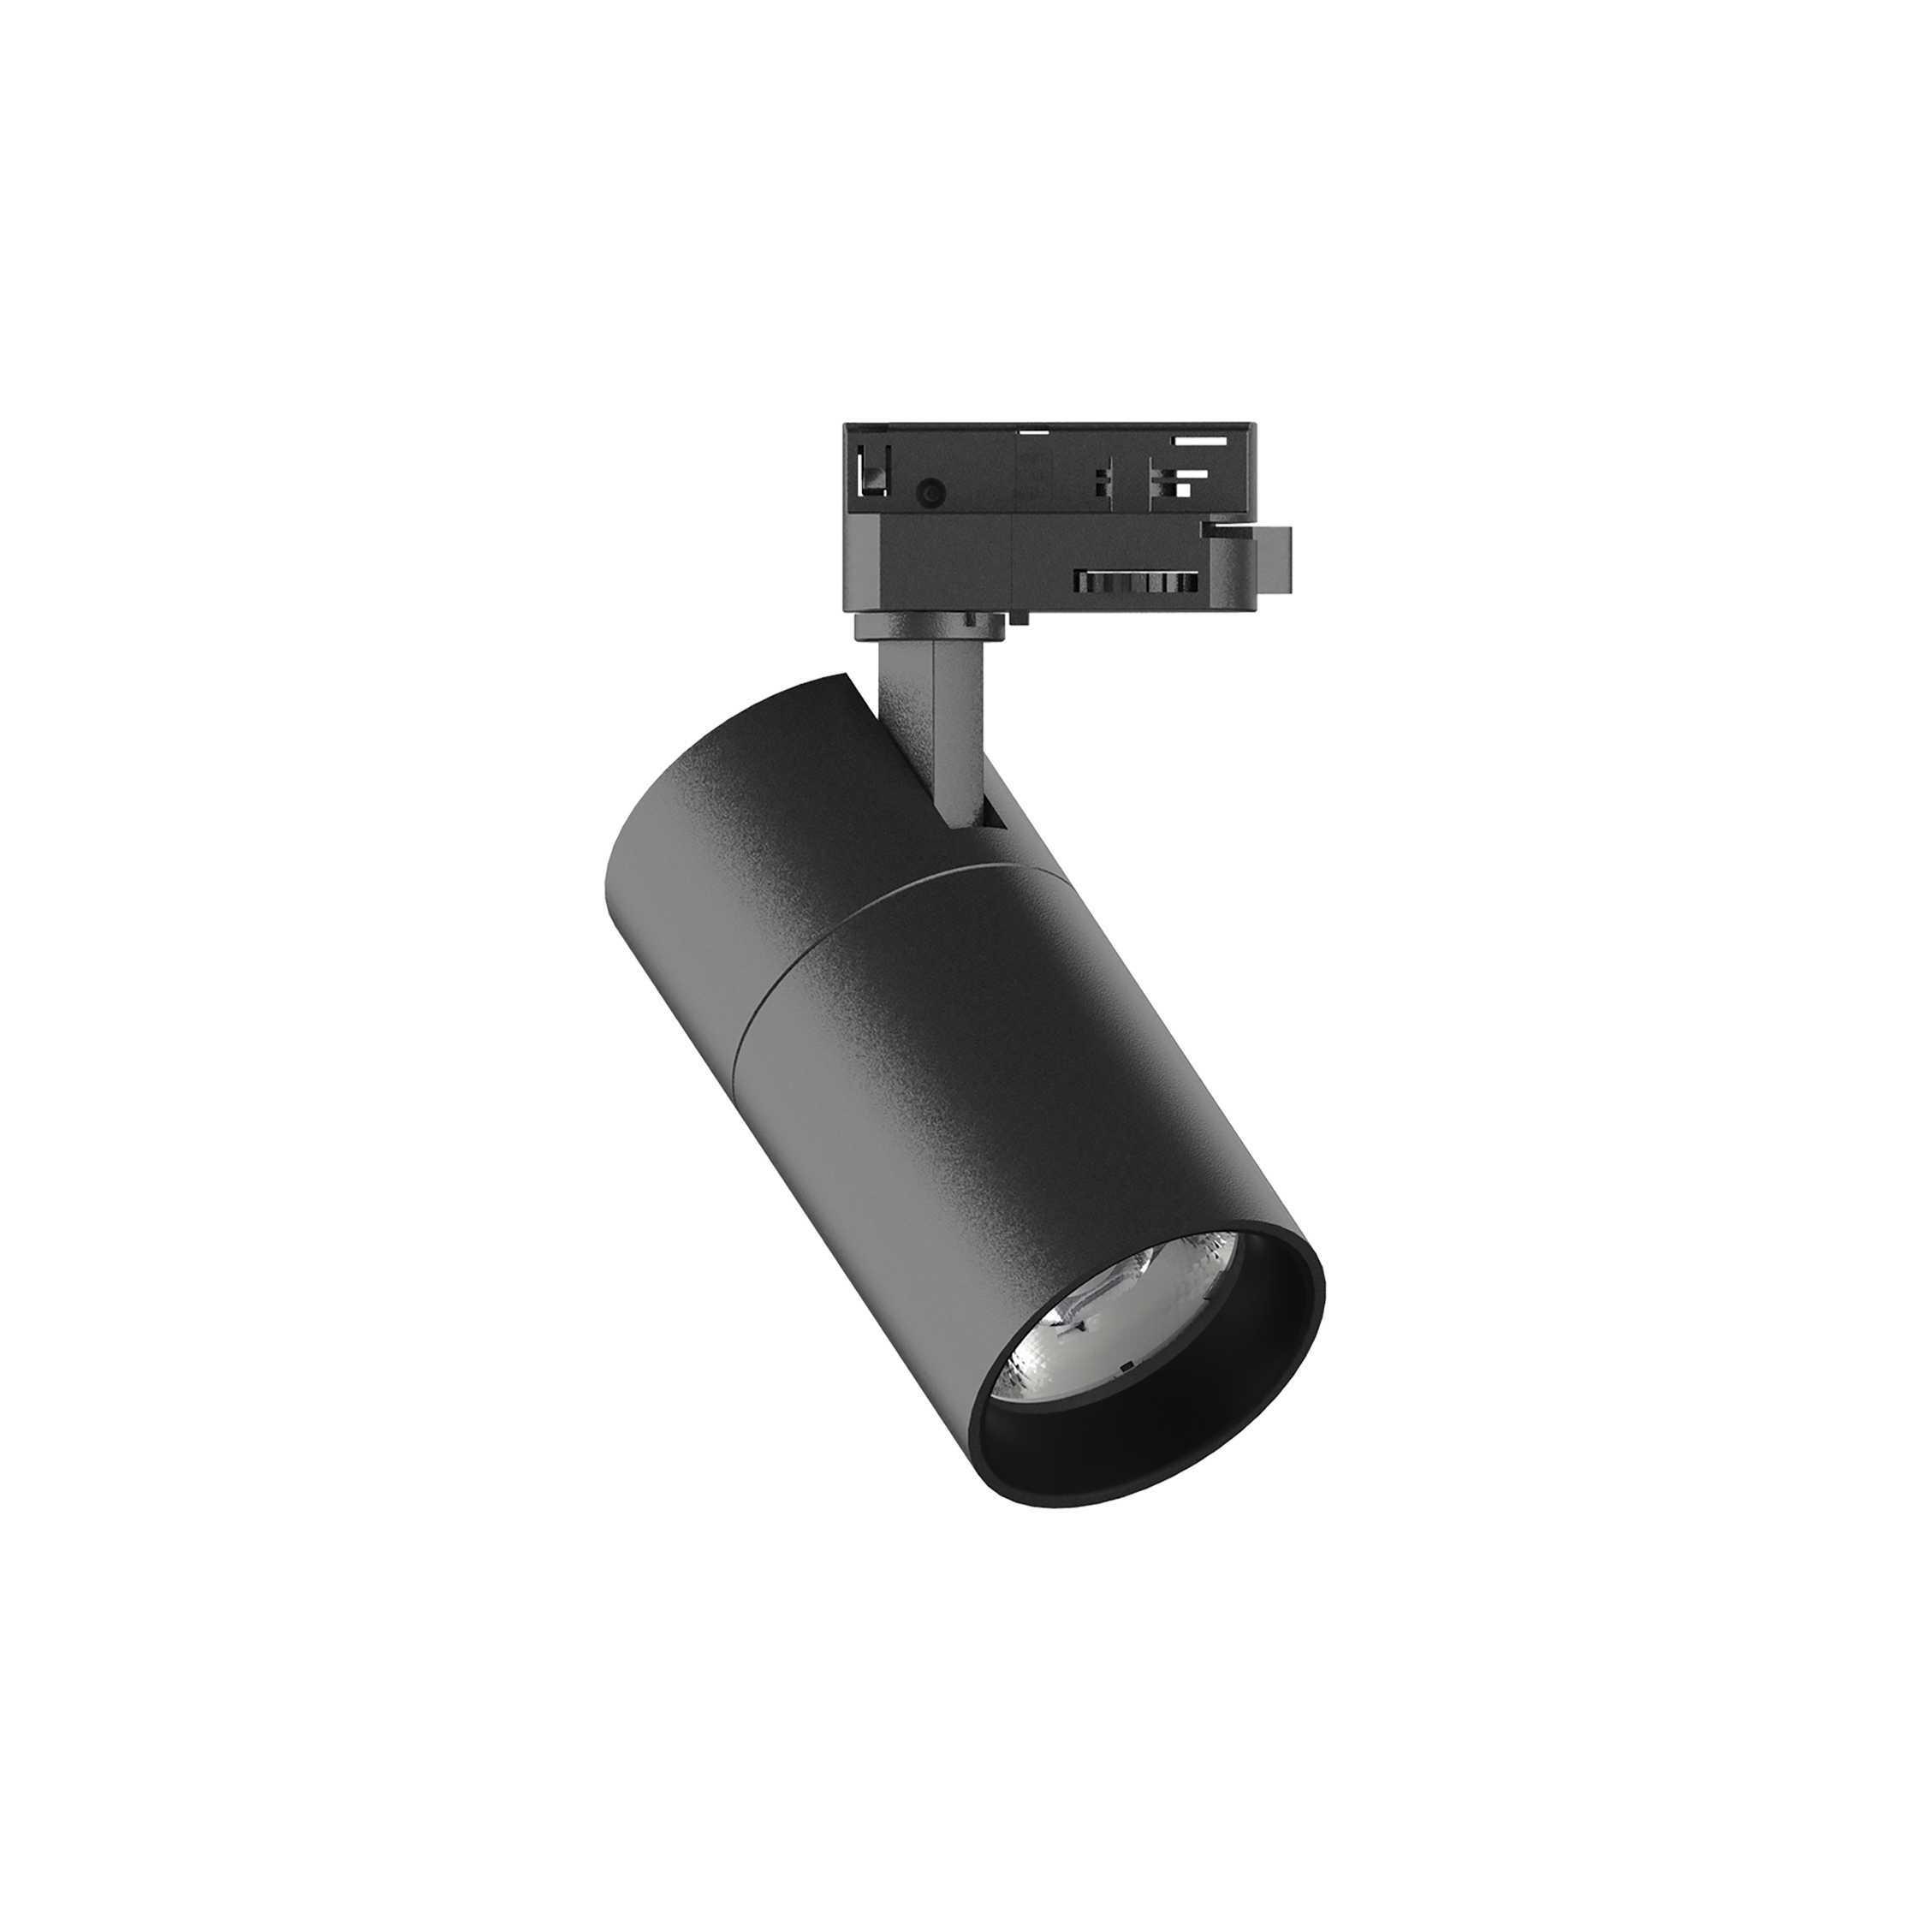 Светодиодный светильник Ideal Lux QUICK 15W CRI80 30° 4000K BK ON-OFF 222547 (QUICK 15W CRI80 30° 4000K BLACK), LED 15W 4000K 1800lm, черный, металл - фото 1